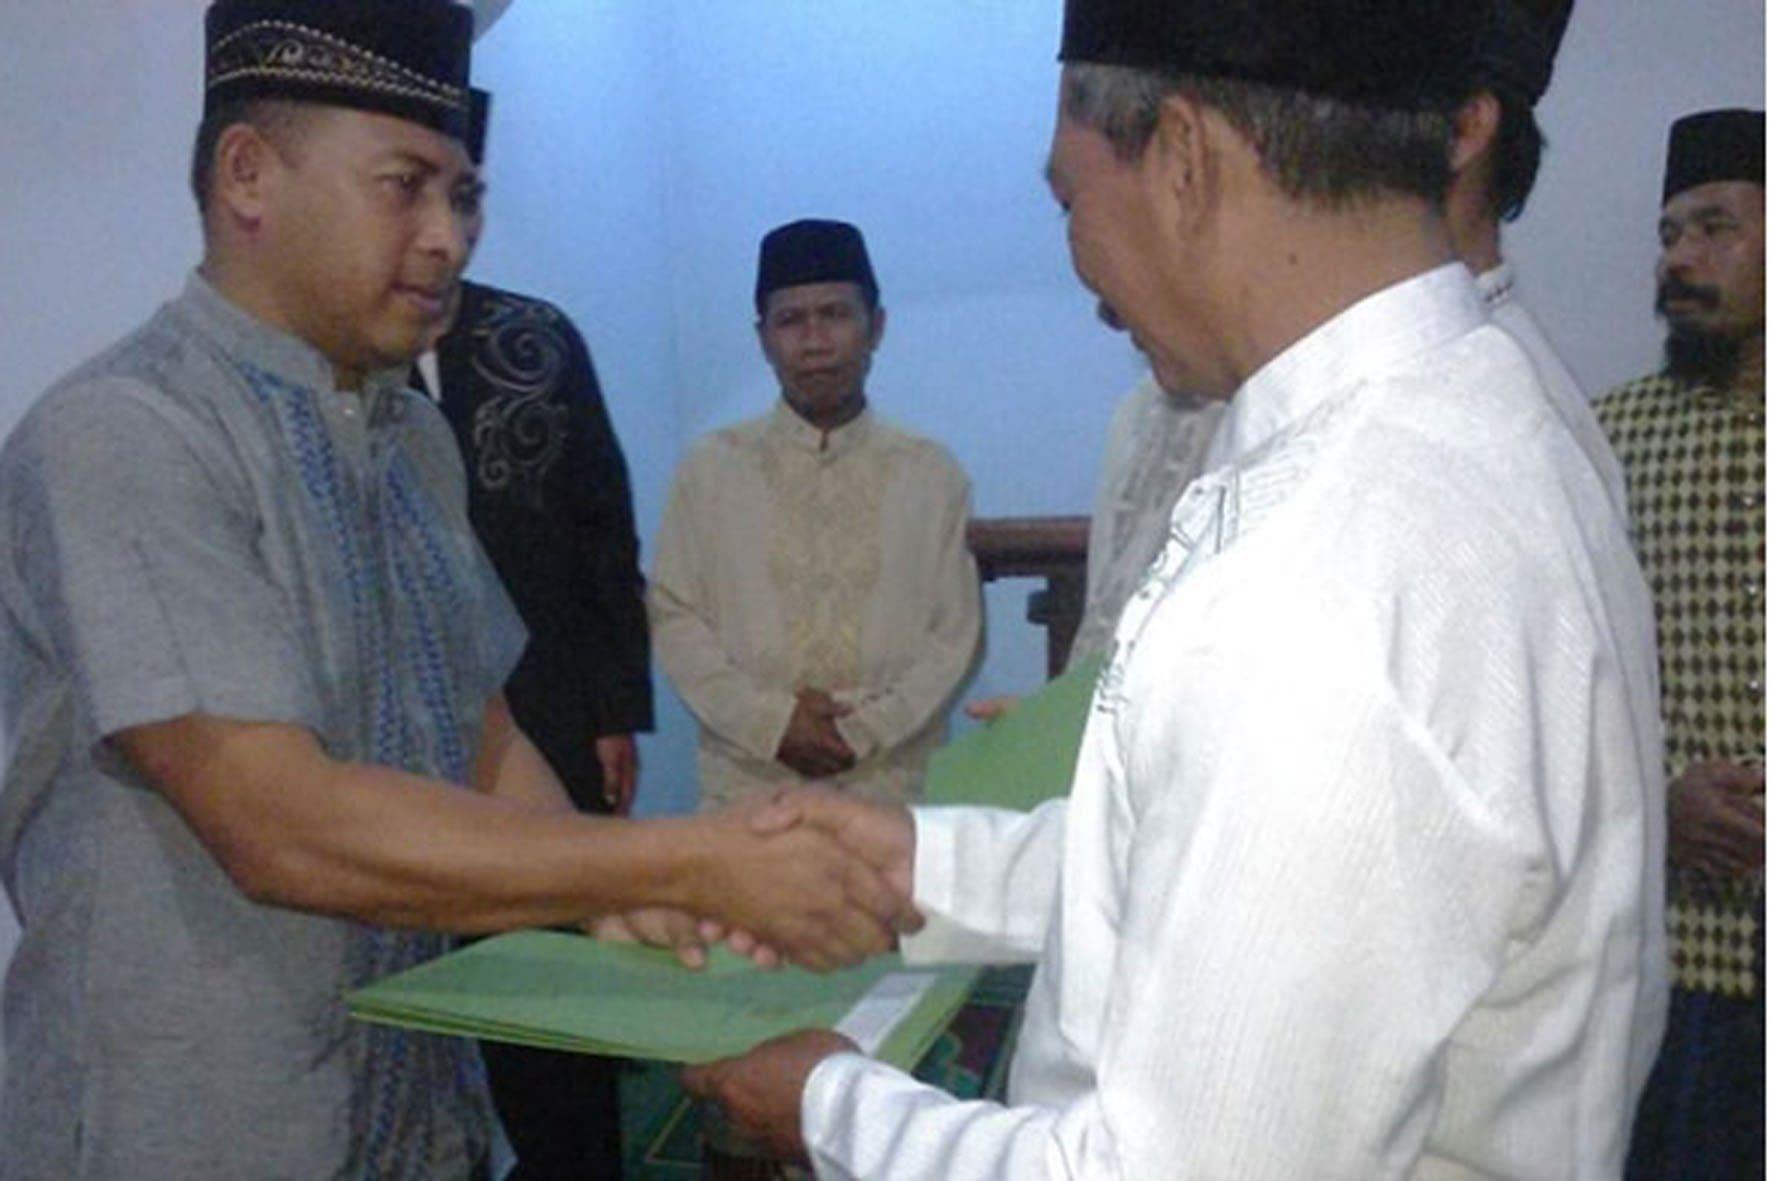 Dandim 0804 buka Puasa bersama di Masjid Al- Mukhlisin Kec. Kawedanan